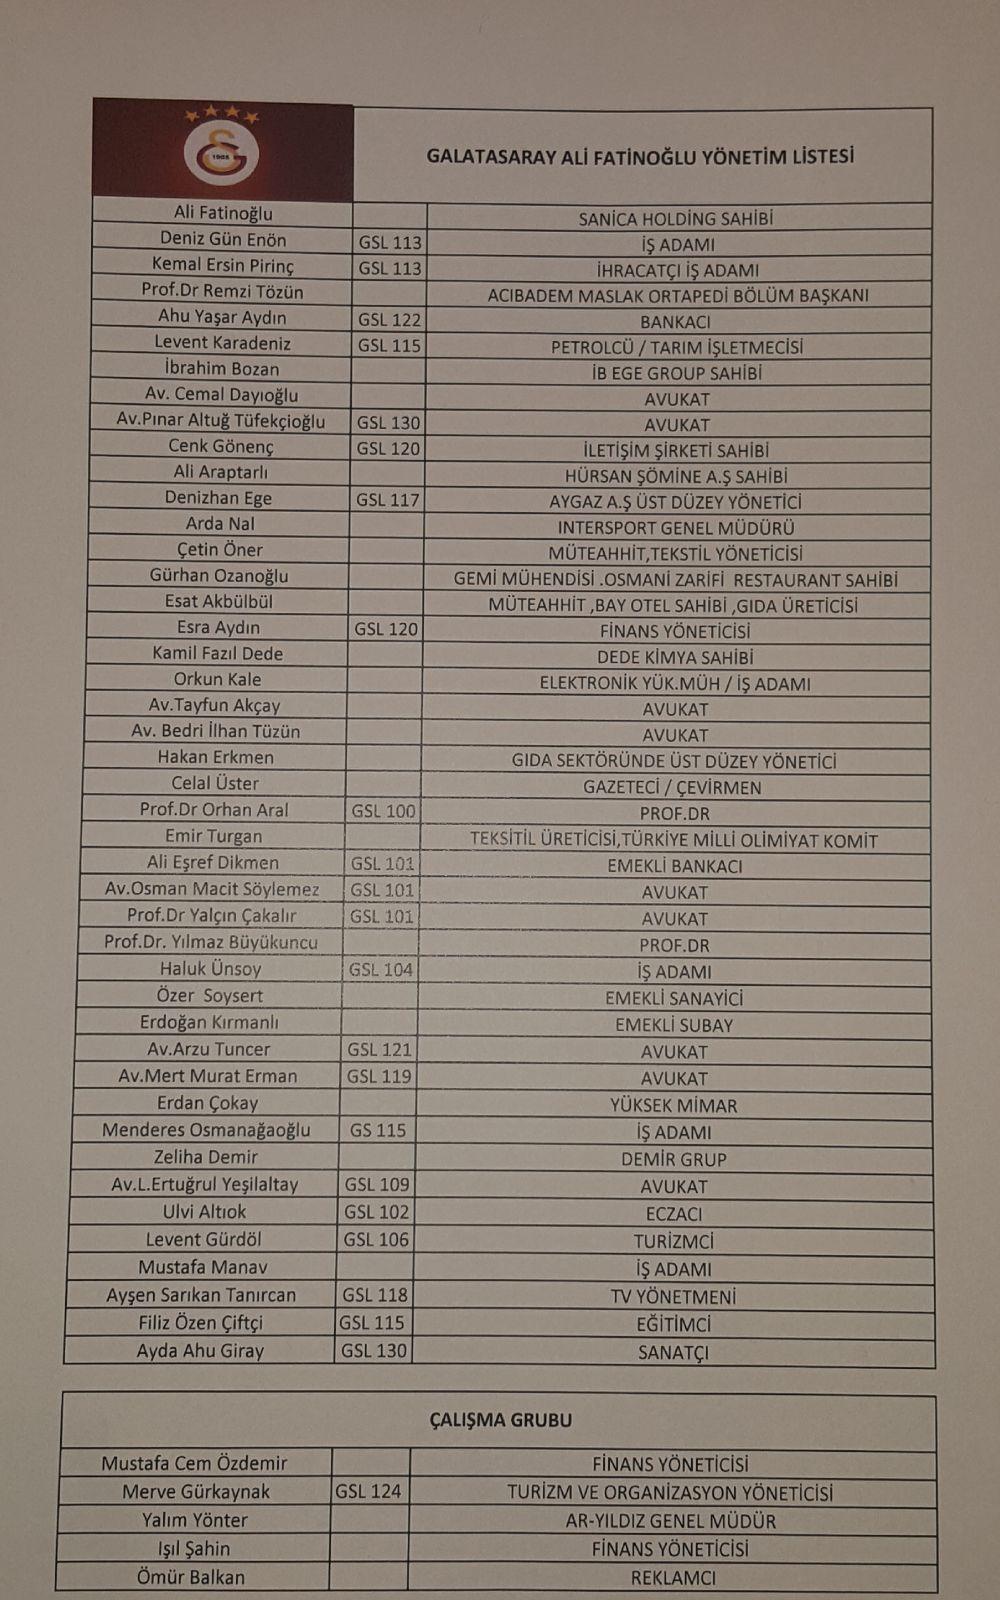 Ali Fatinoğlu kimdir, listesinde kimler var?